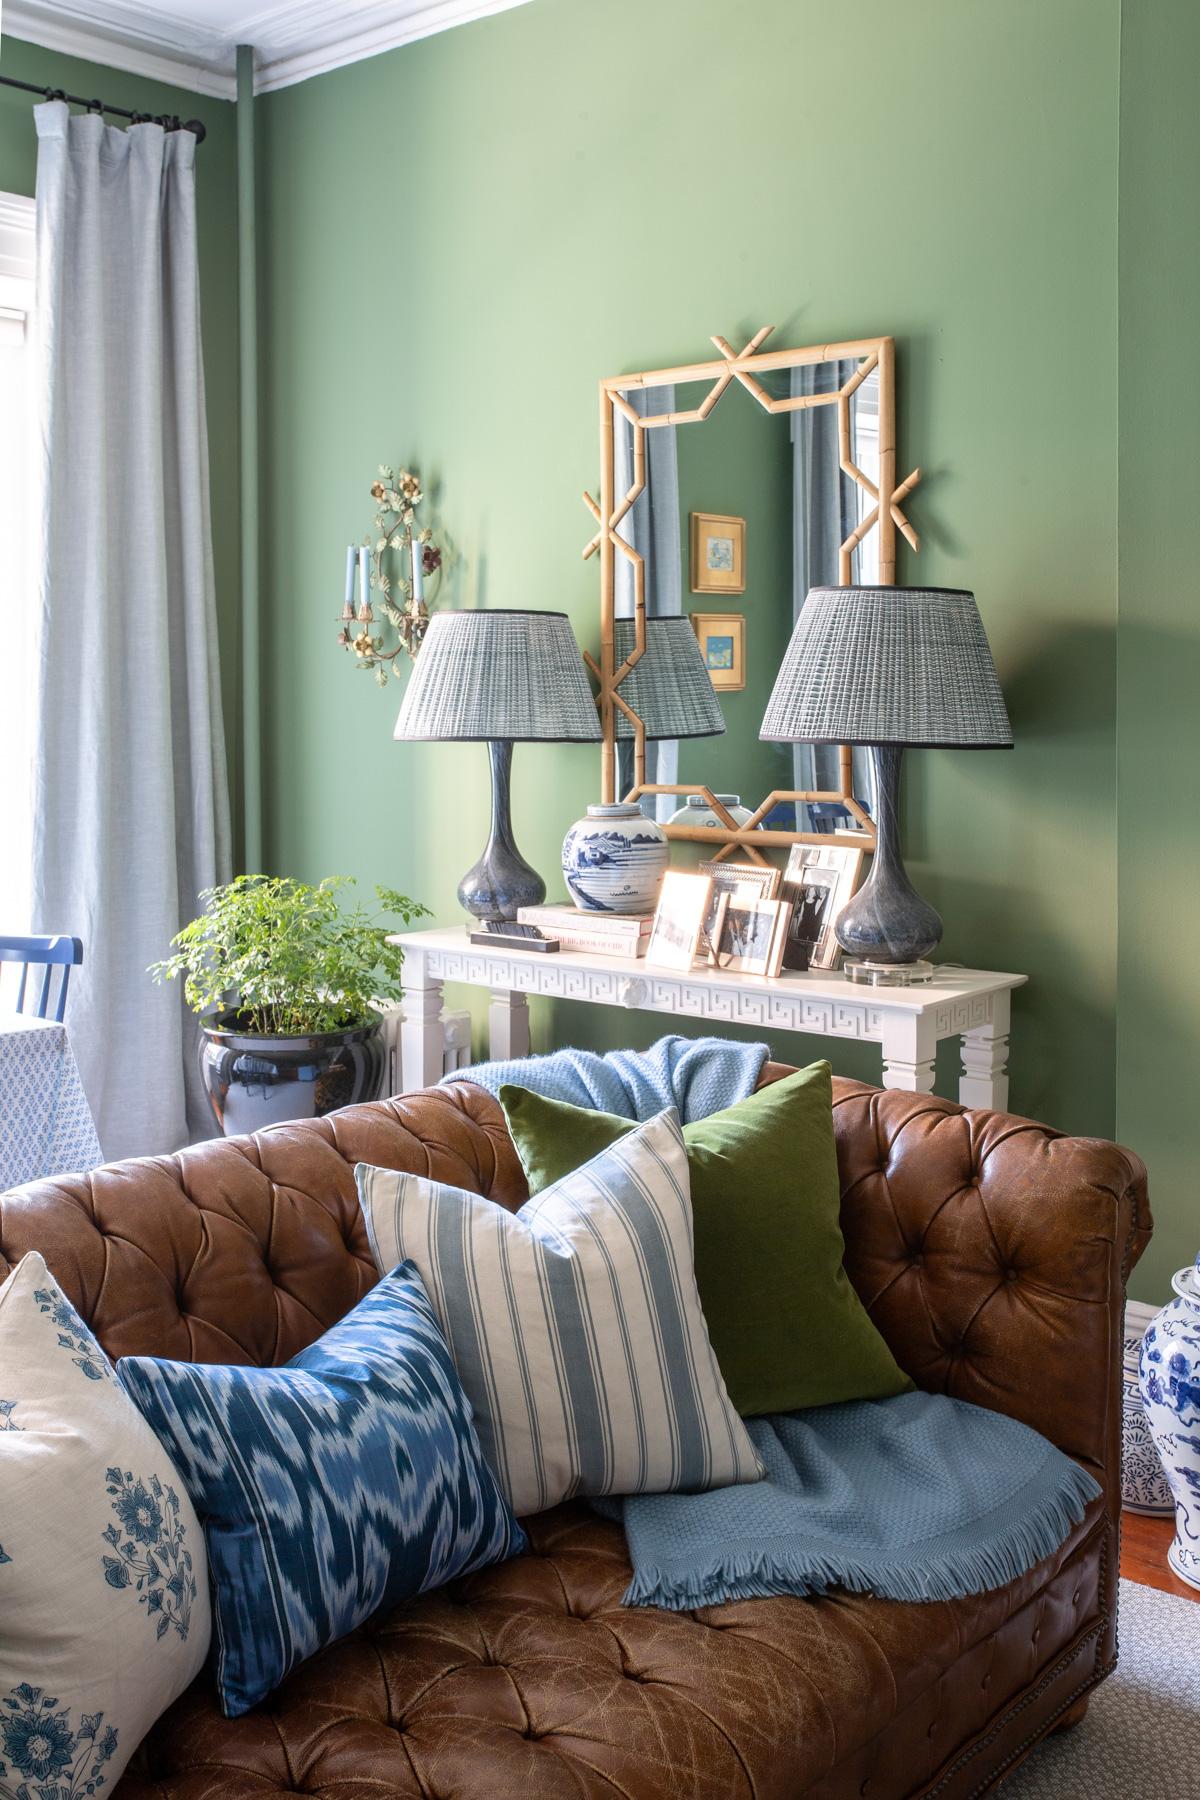 Stacie Flinner x NY Apartment Tour Living Room-4.jpg